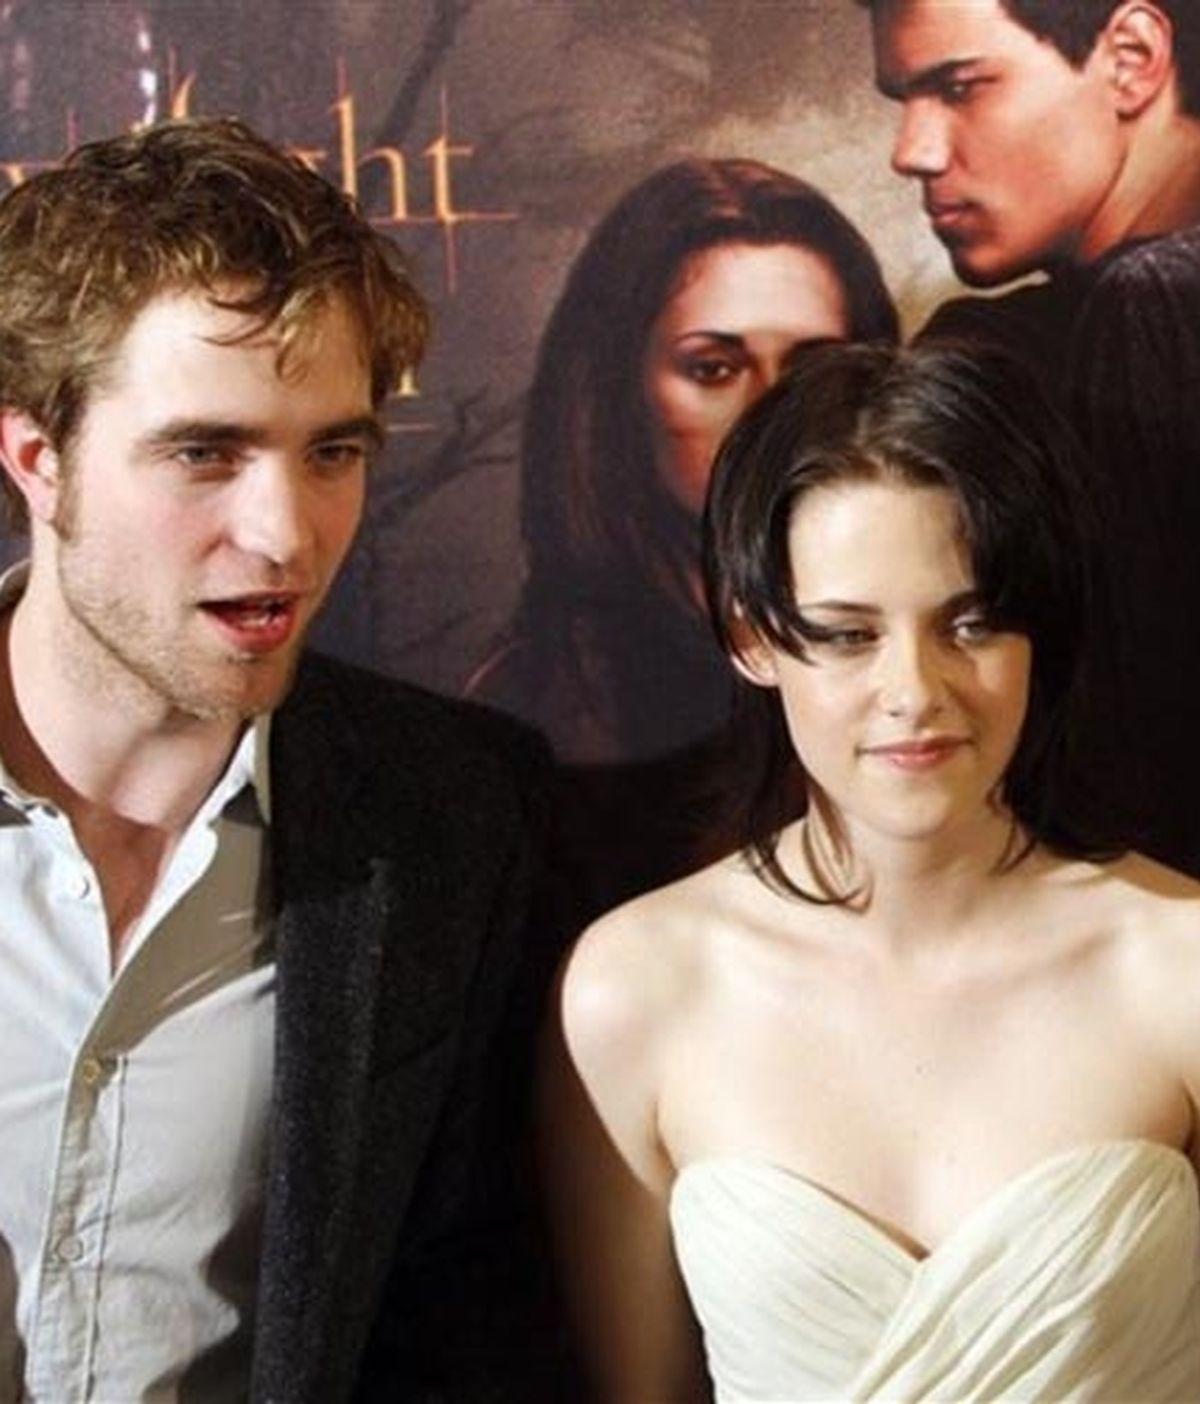 Pattinson y Sewart durante la promoción de 'Luna Nueva' en París, donde se reencontraron después de promocionar la película por separado en Japón y Latinoamérica. Foto: AP